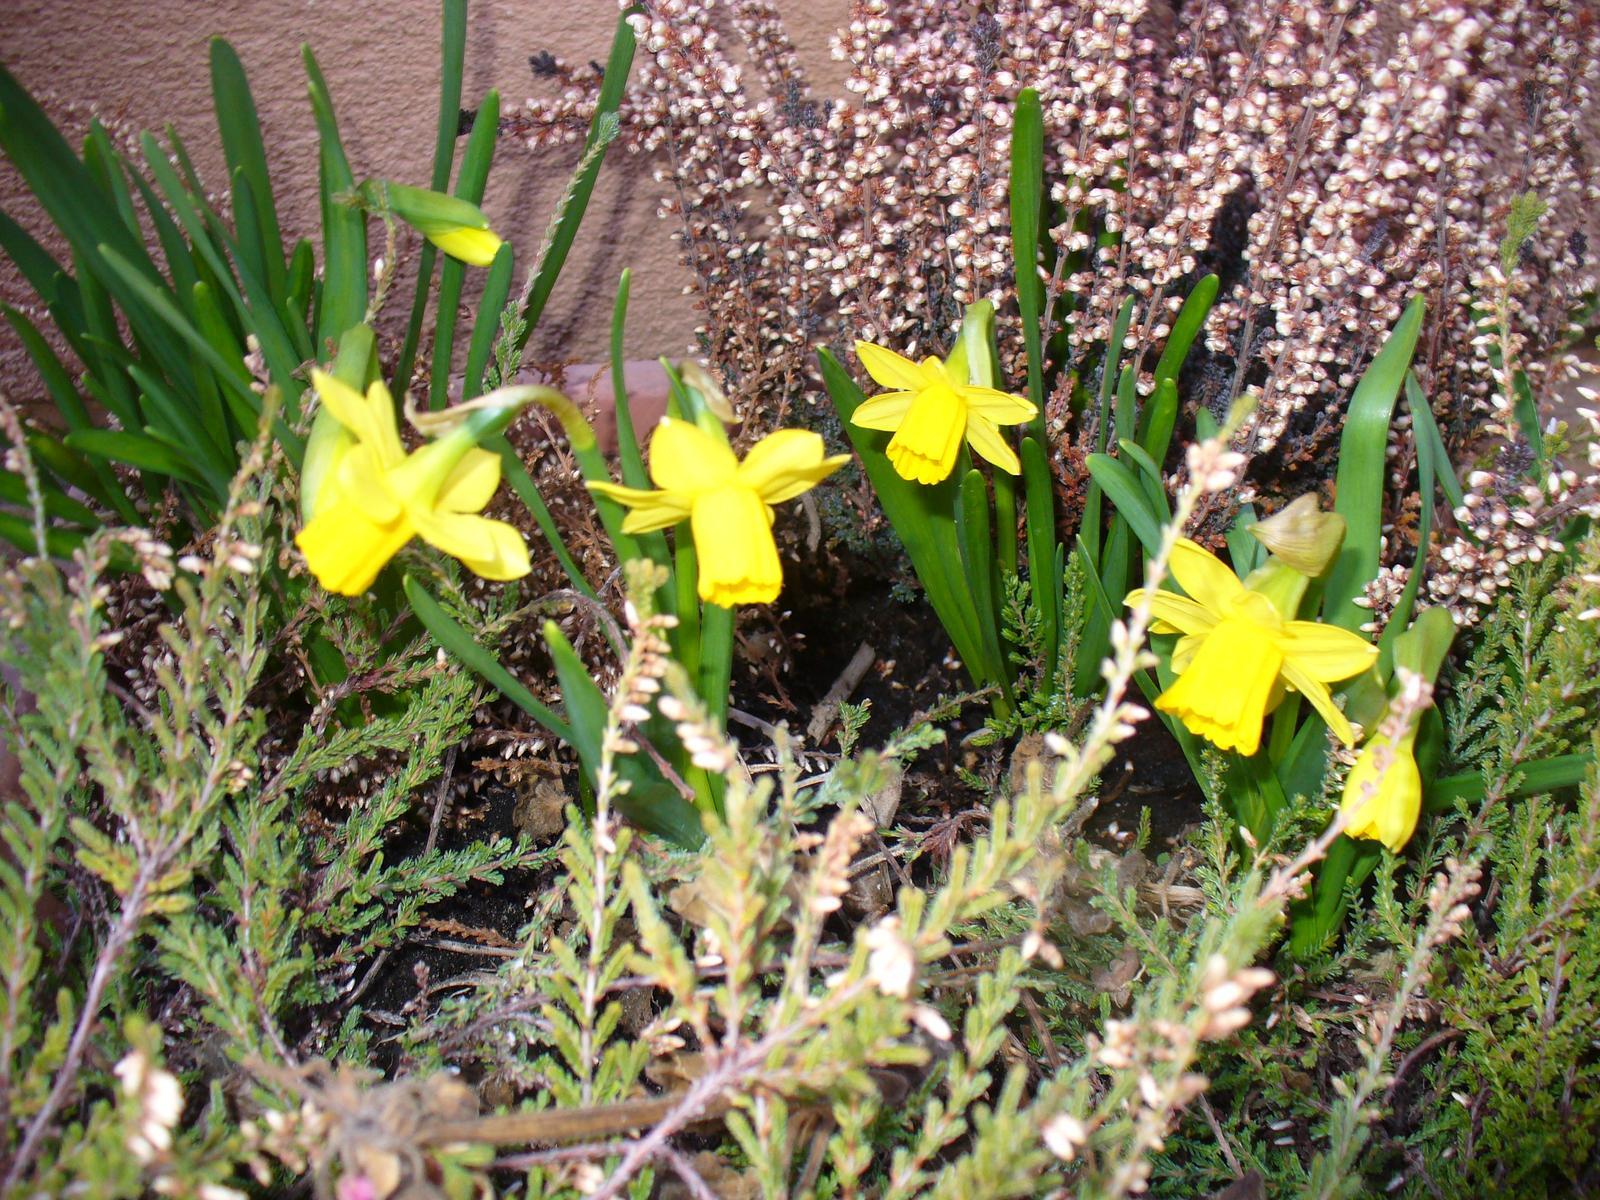 Prerábka, sadenie a úpravy v našej mini záhradke. - narcisky kvitnú